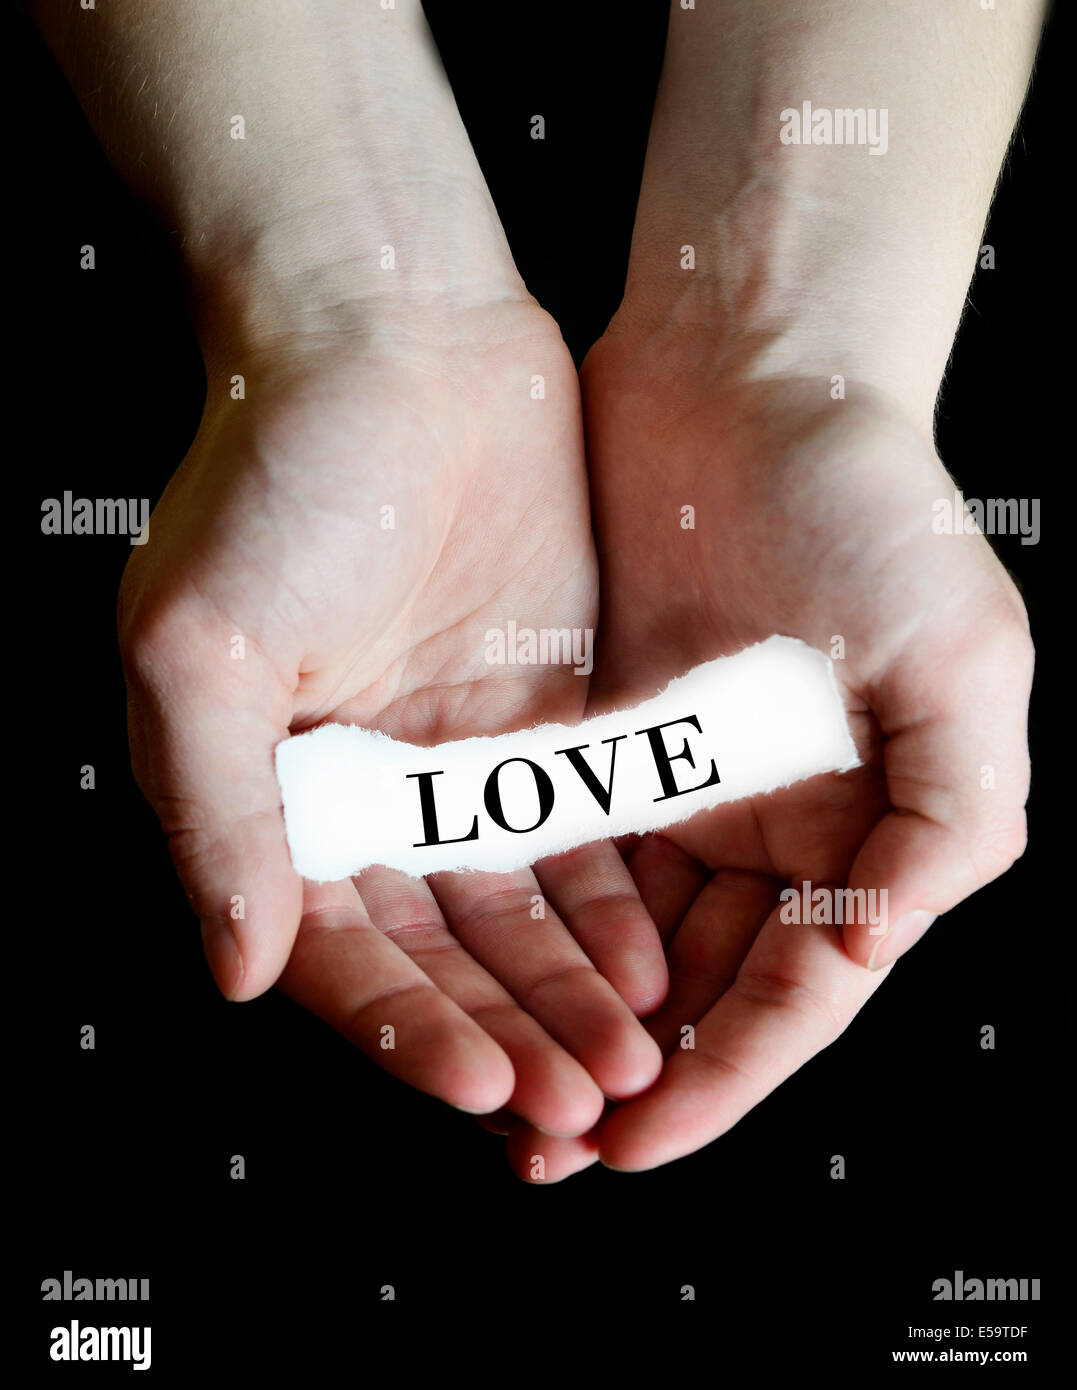 Persona mani cupping messaggio di carta per amore Immagini Stock